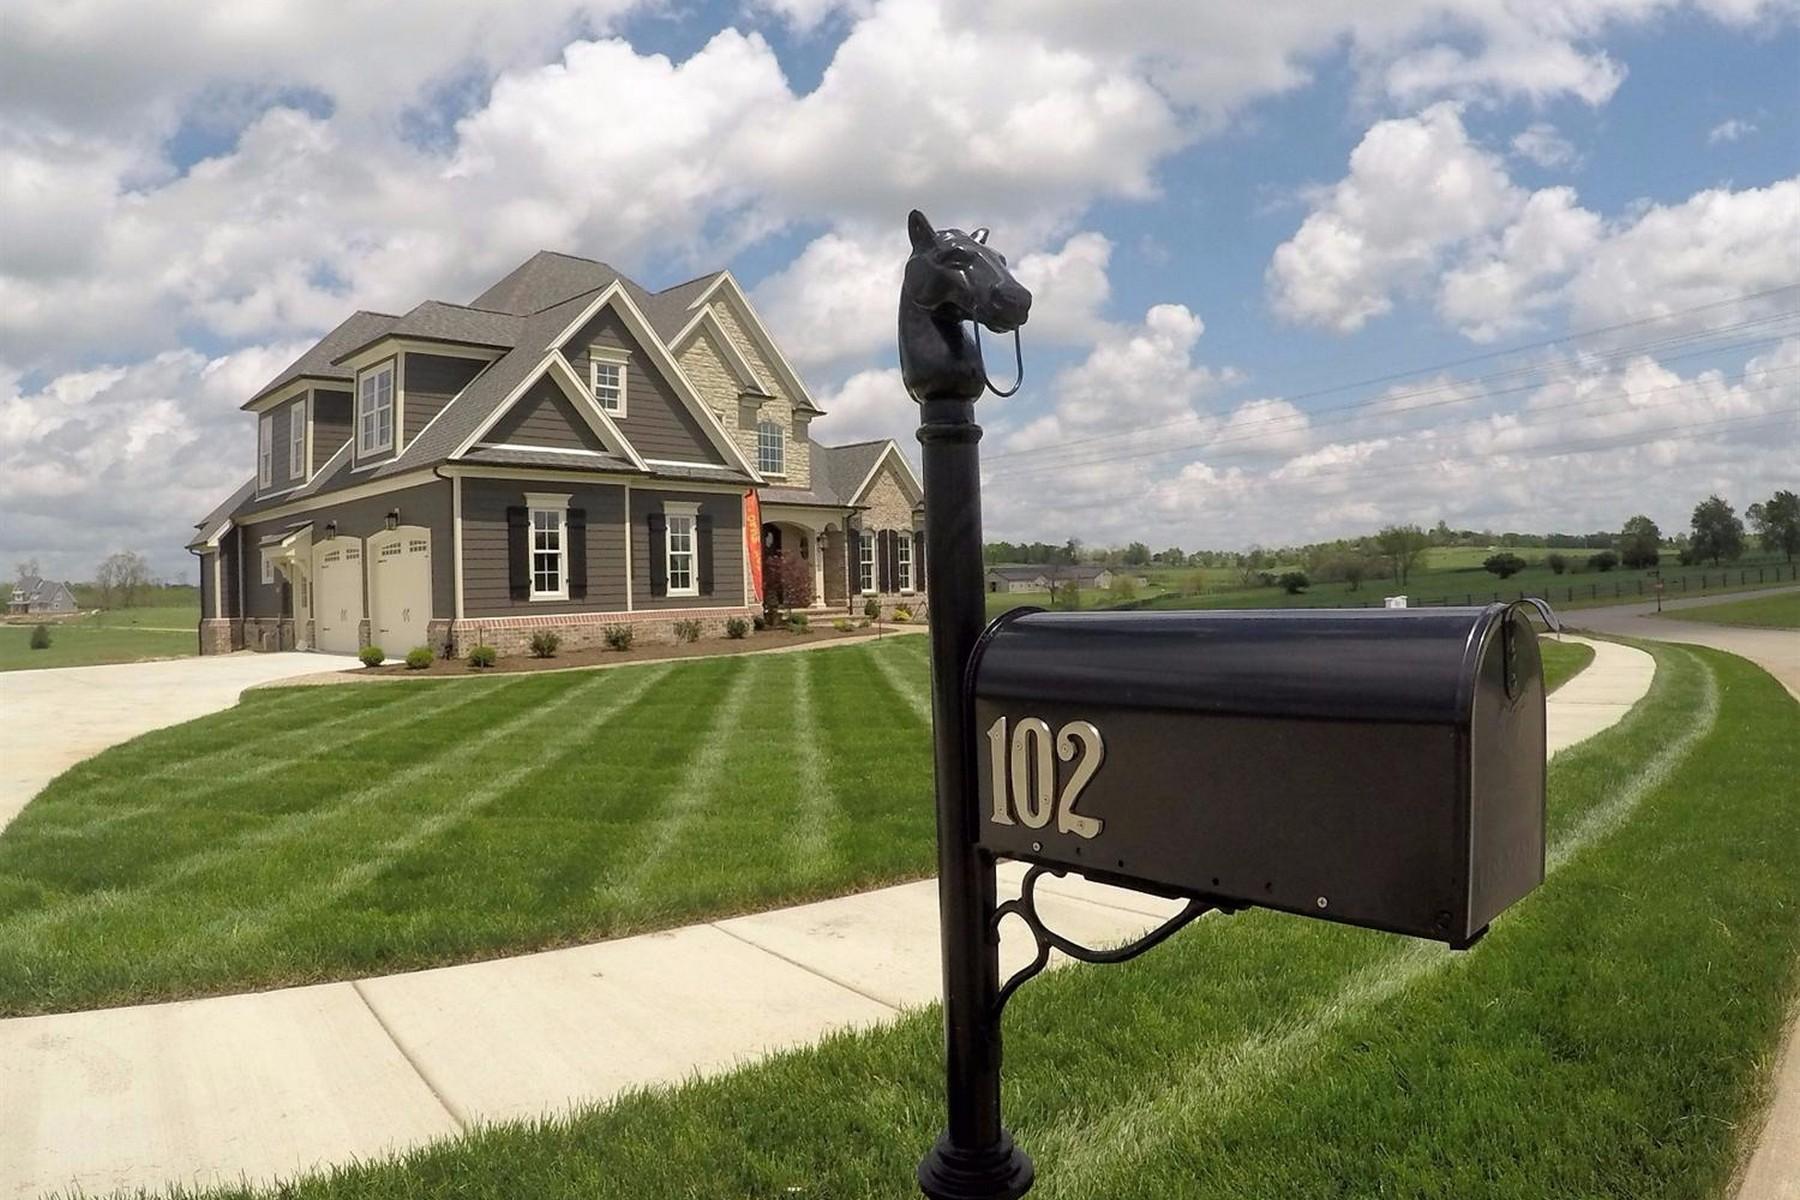 Villa per Vendita alle ore 102 Mahin Trail Nicholasville, Kentucky, 40356 Stati Uniti